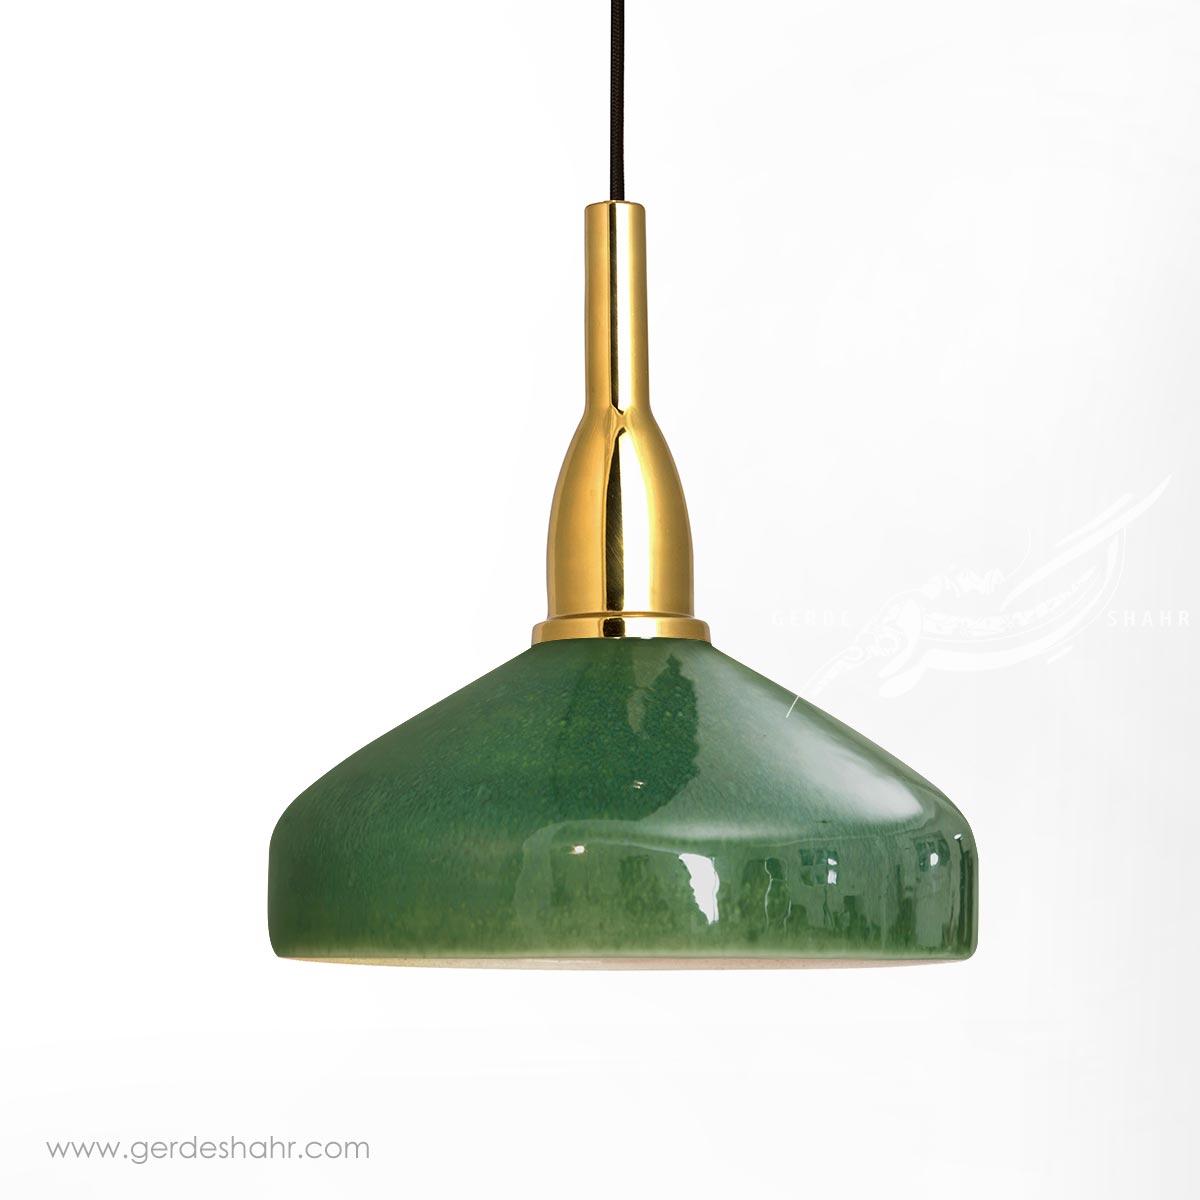 آویز روشنایی گردسوز سبز بزرگ تیروژ محصولات